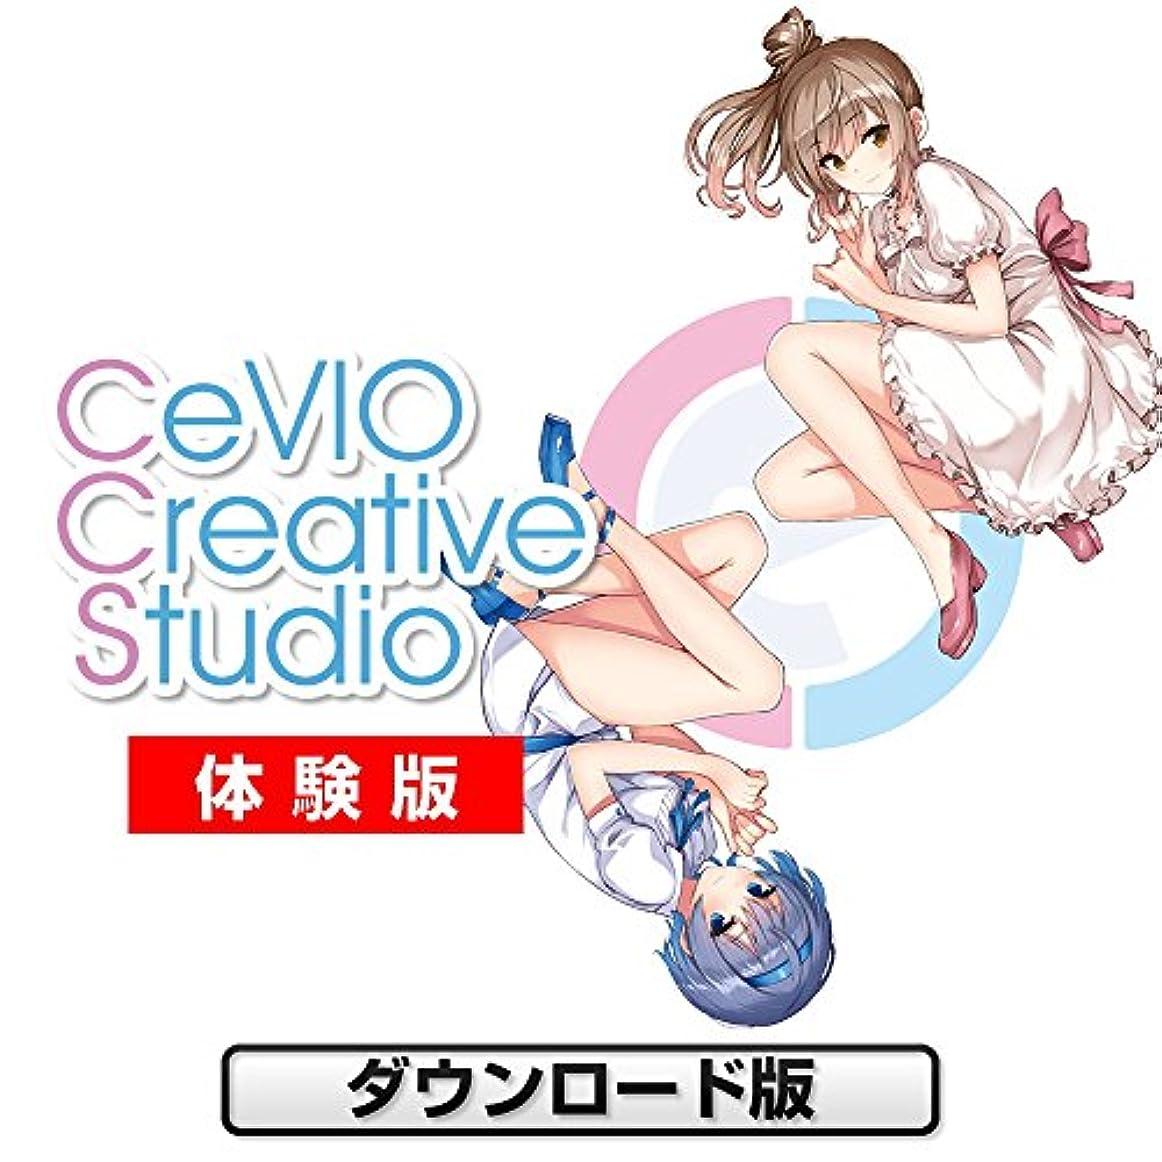 占めるささやきチョークCeVIO Creative Studio 6 無料体験版 |ダウンロード版